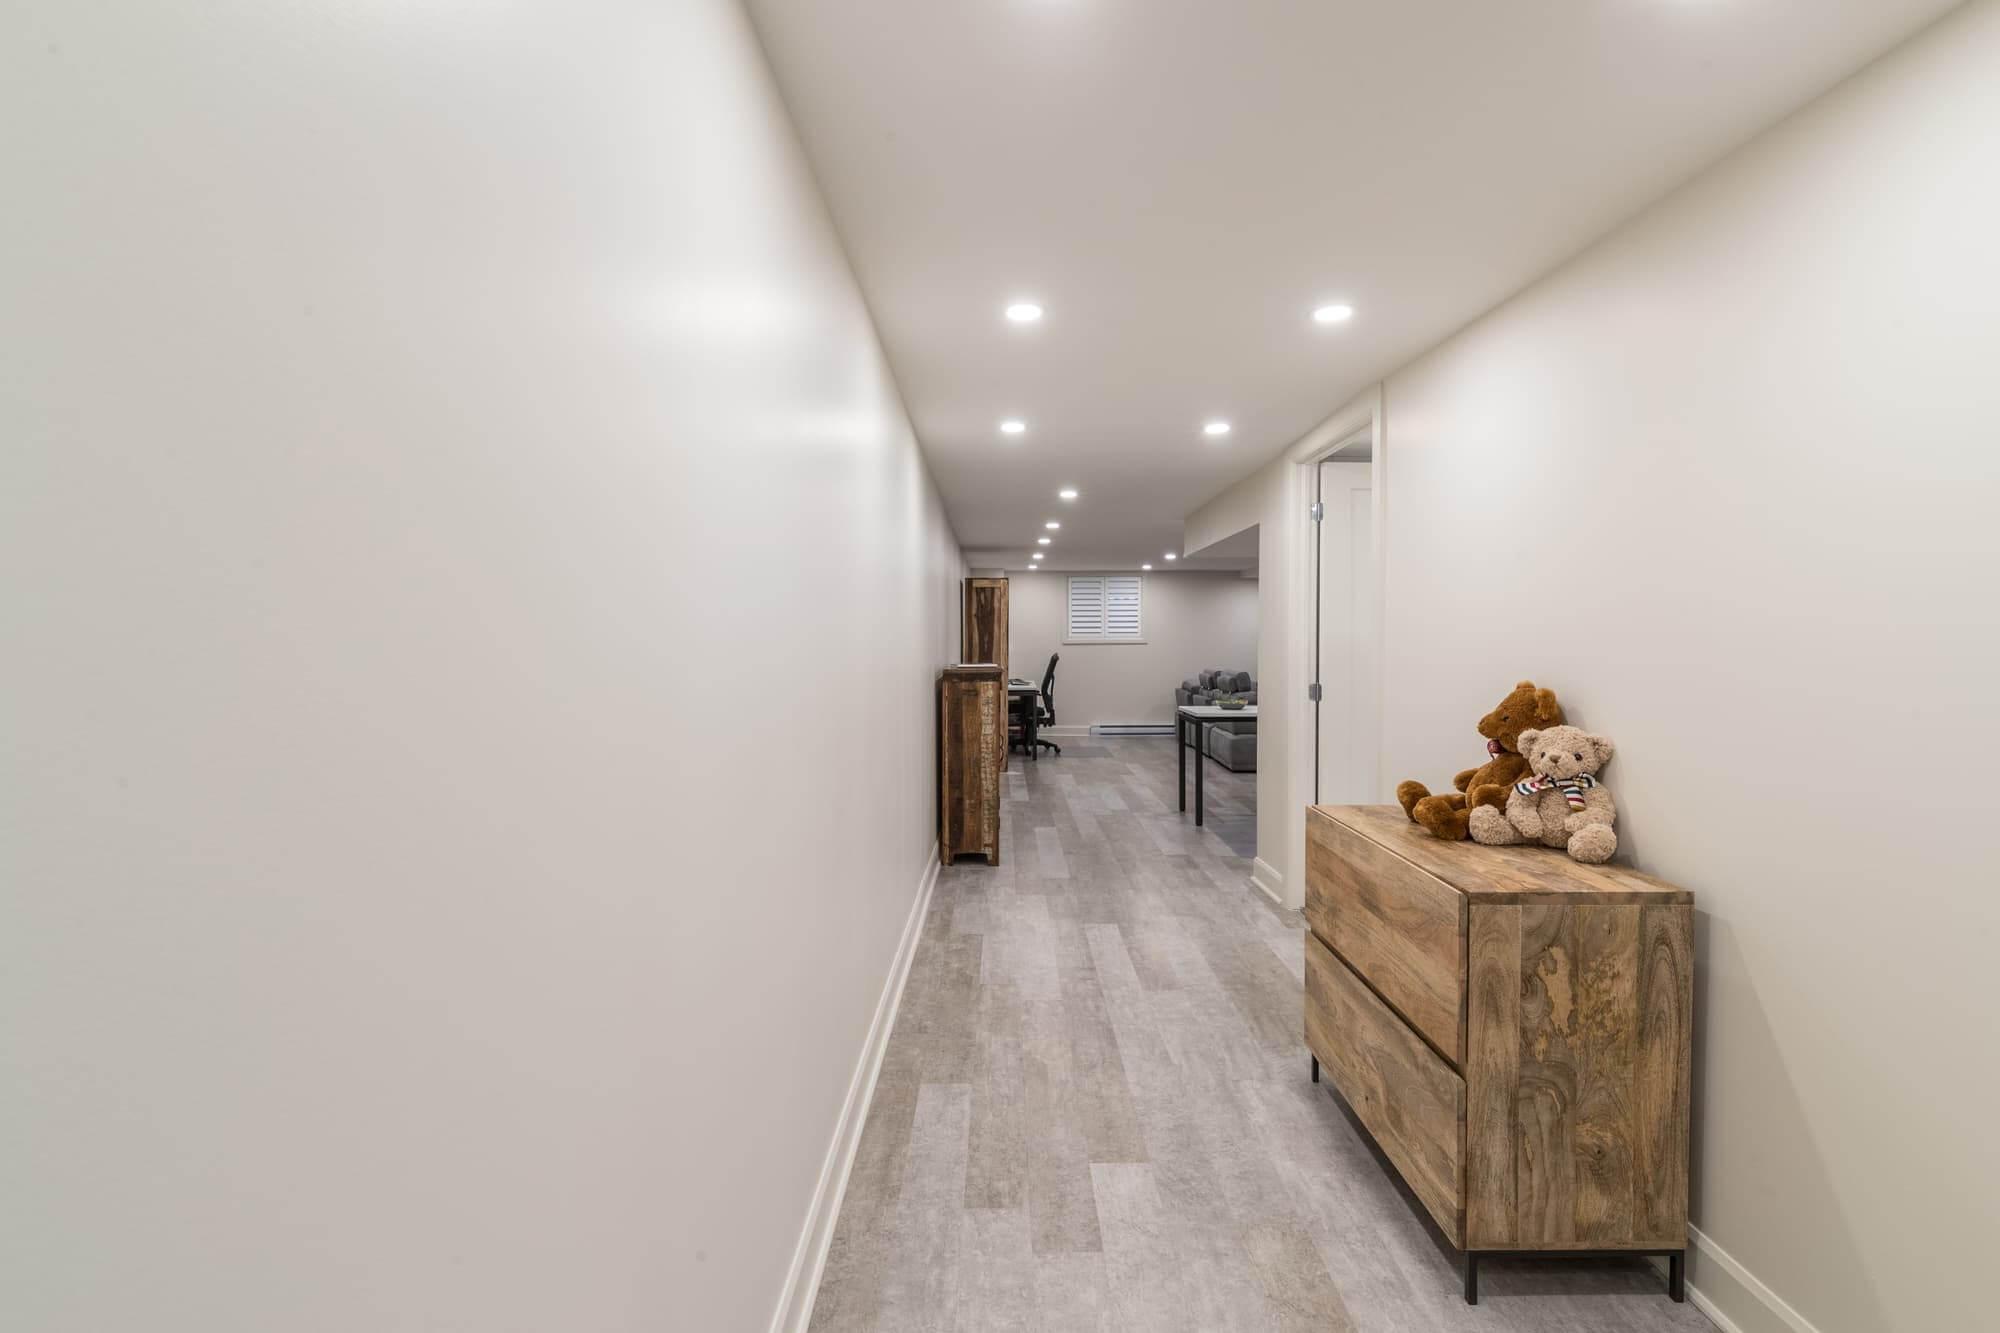 Corridor d'un sous-sol moderne rénovée avec murs sable, meuble en bois, plancher flottant gris pâle et éclairage encastré